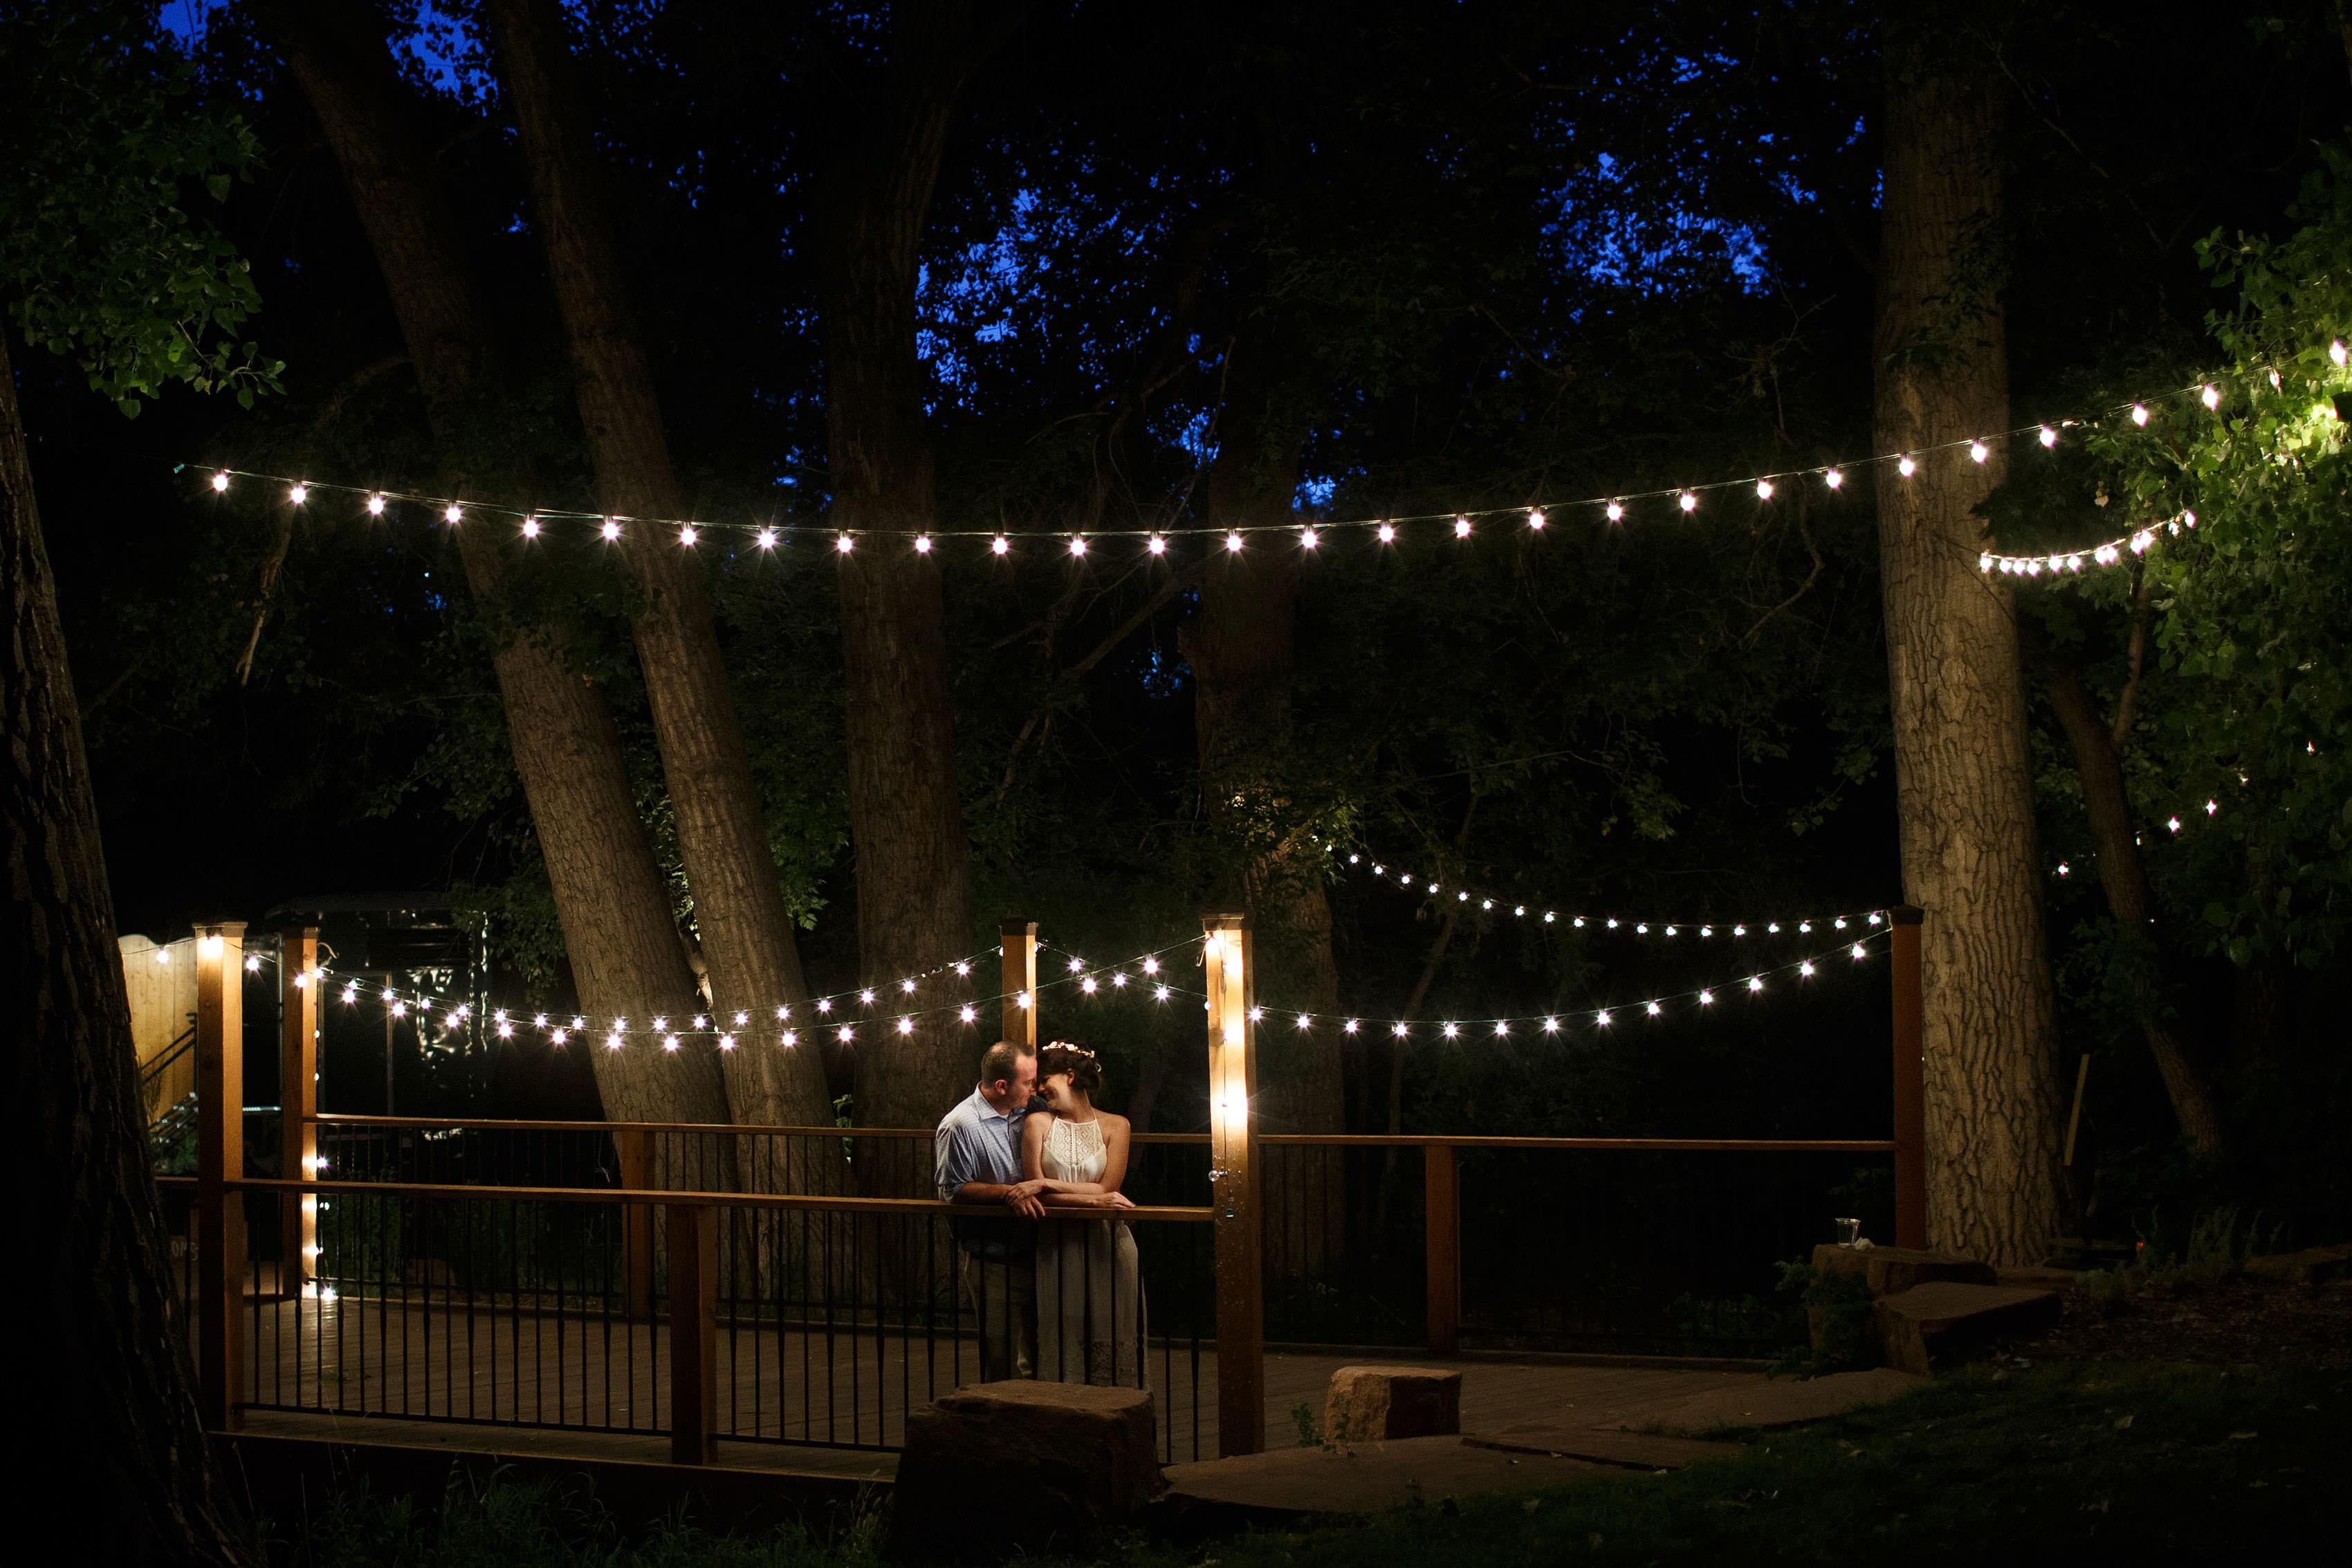 Summer Farm Wedding in Lyons, CO | Meghan & Jeremy